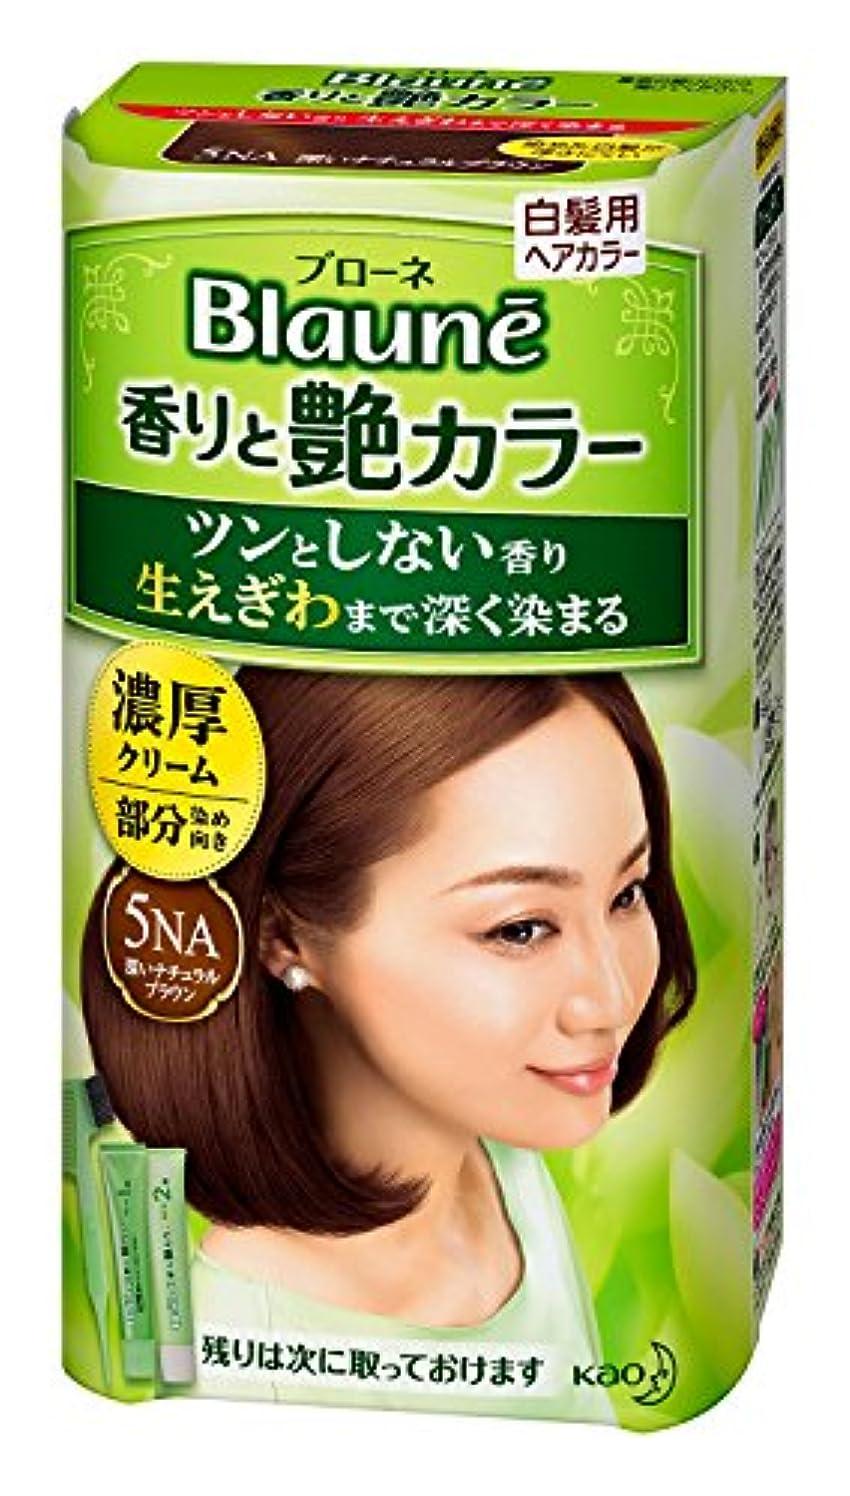 恥債権者海外で【花王】ブローネ 香りと艶カラー クリーム 5NA:深いナチュラルブラウン 80g ×10個セット